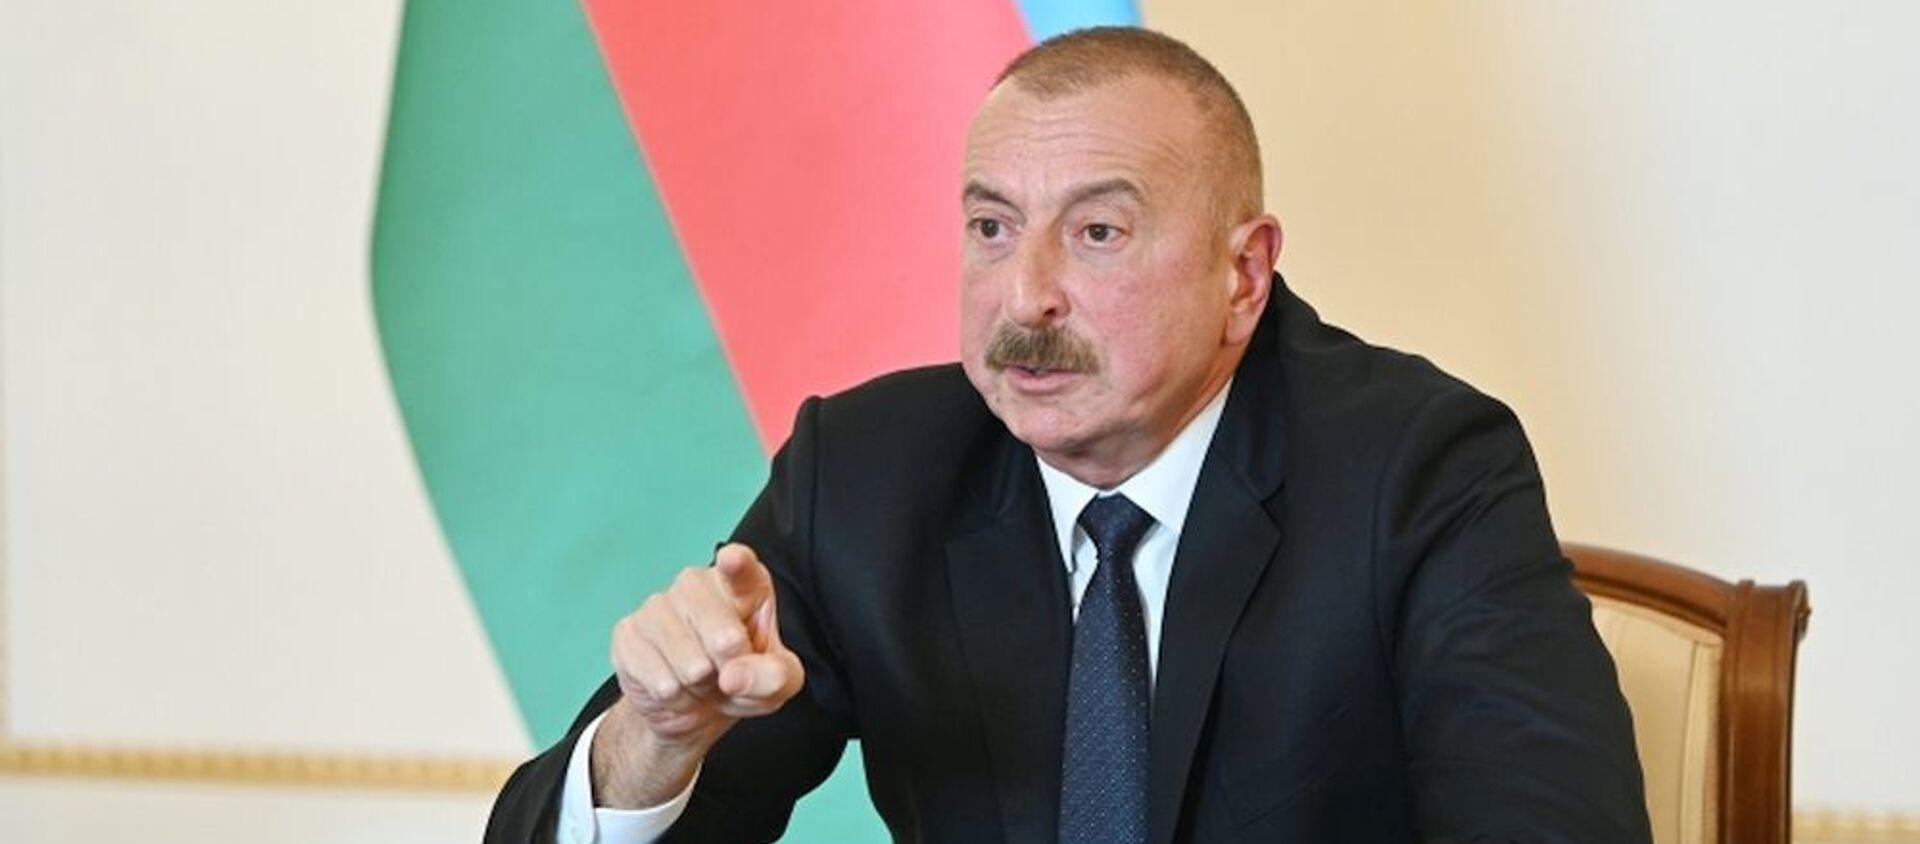 Президент Ильхам Алиев - Sputnik Азербайджан, 1920, 26.02.2021